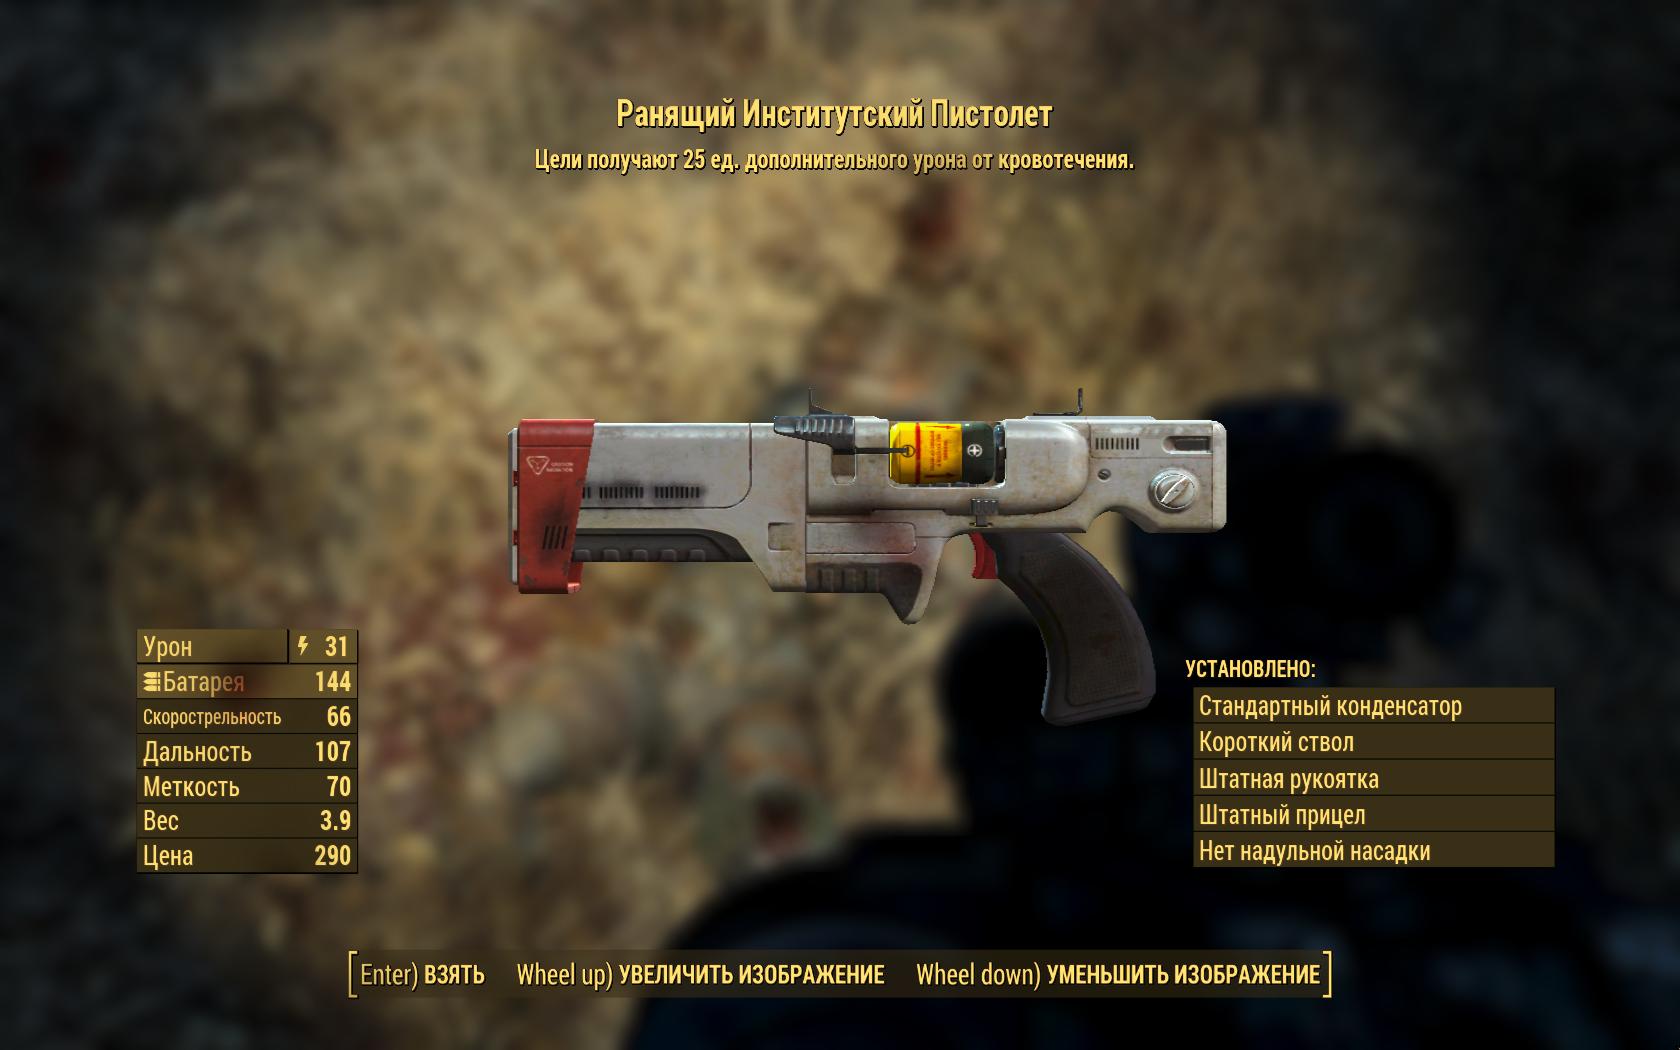 Ранящий институтский пистолет - Fallout 4 институтский, Оружие, Ранящий